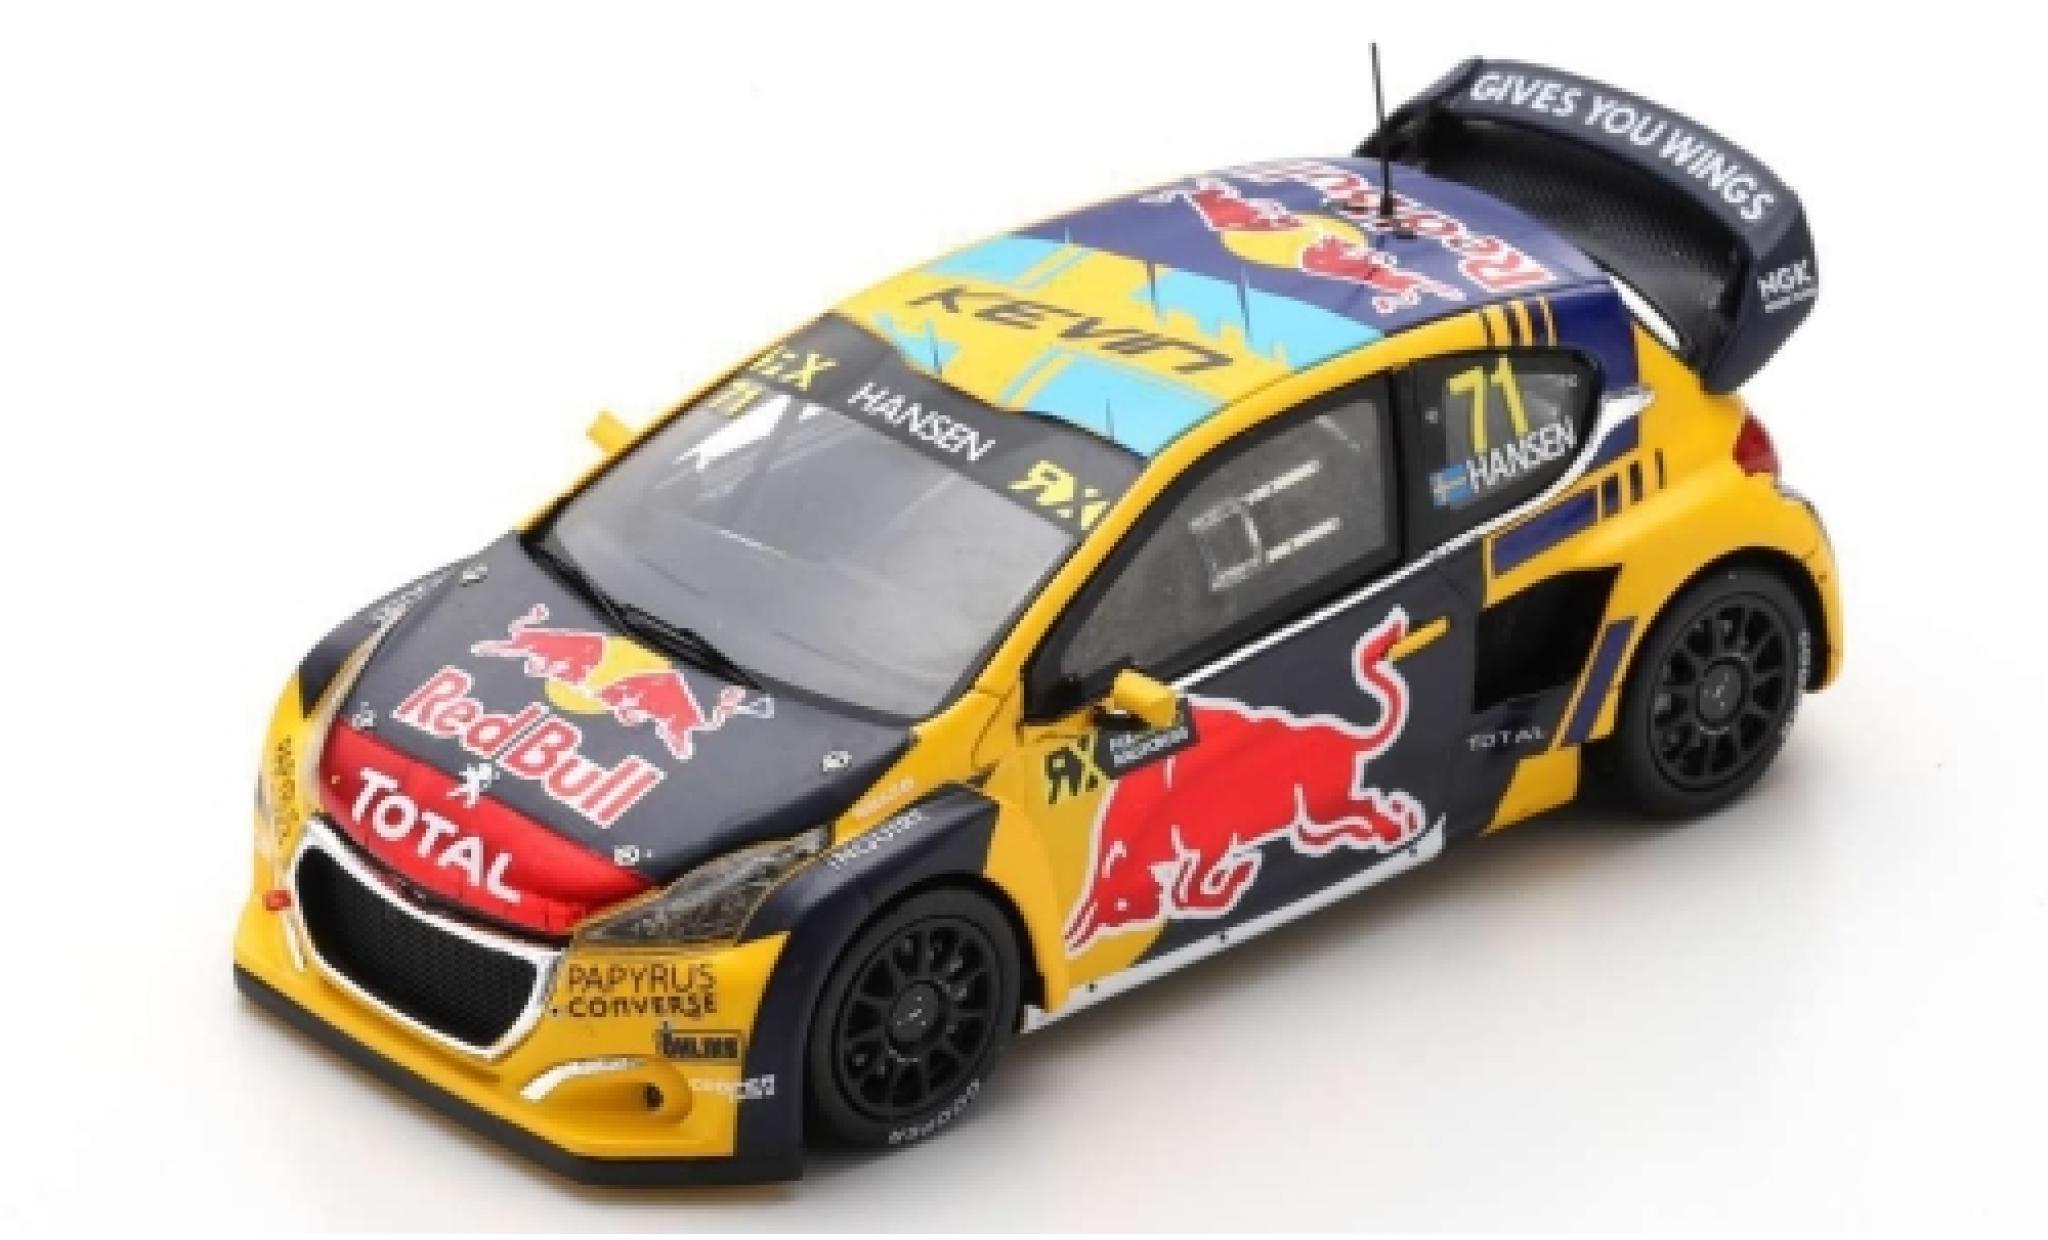 Peugeot 208 1/43 Spark WRX No.71 Red Bull -Total World RX Vereinigte Arabische Emirate 2019 K.Hansen